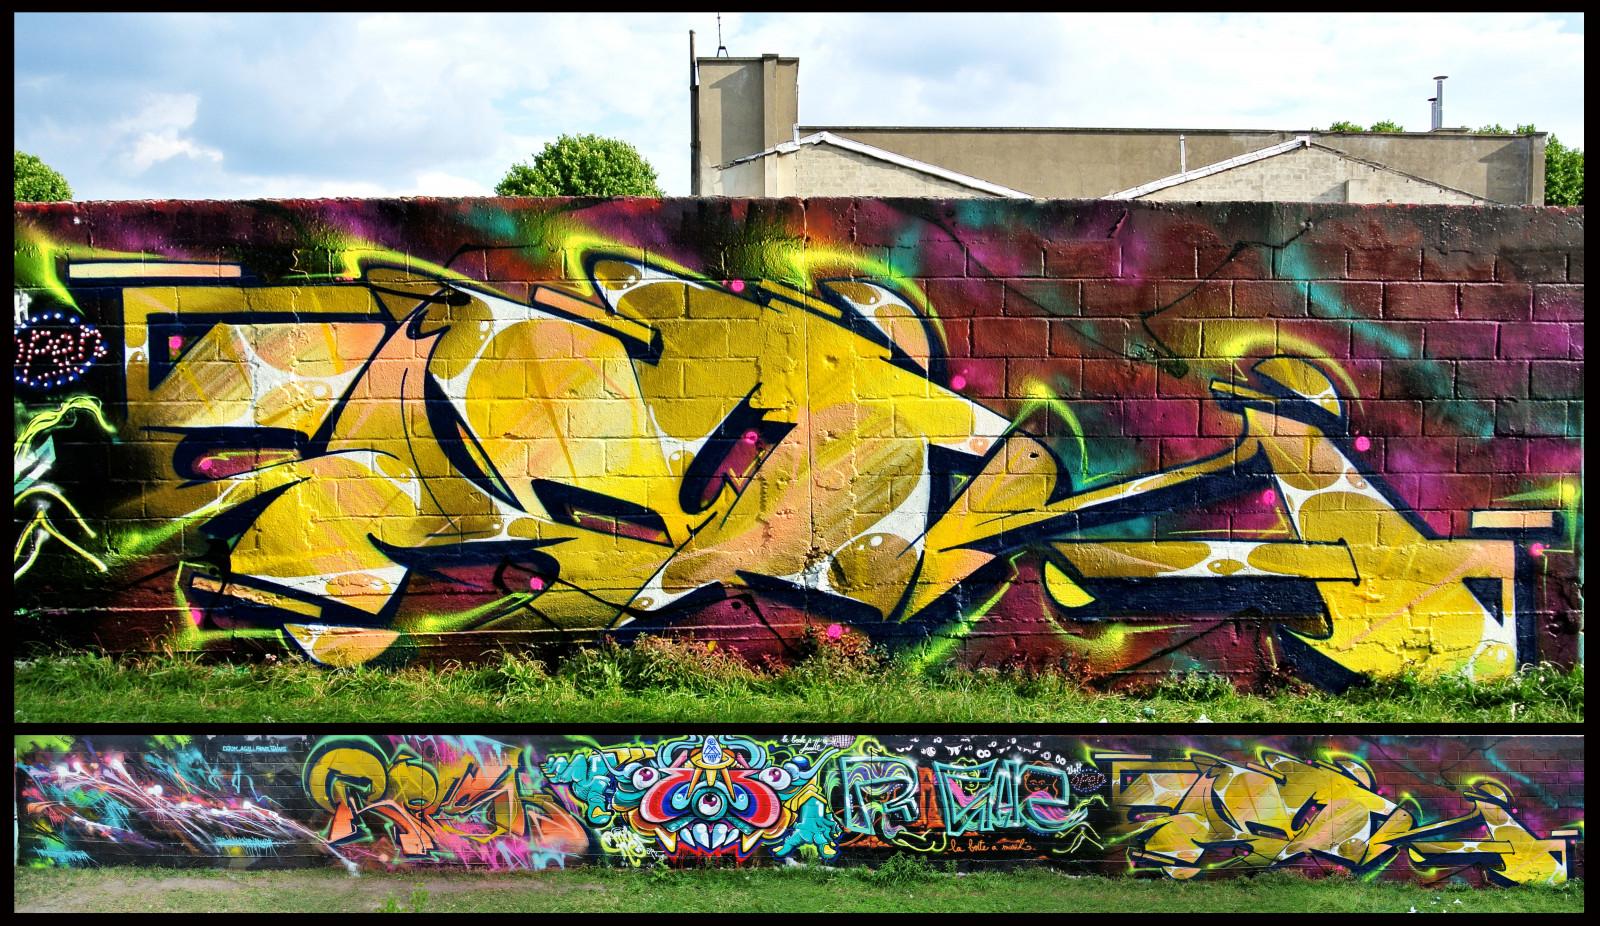 Wallpaper : yak, Terrain, Paris, France, ART, colors, wall, writing ...